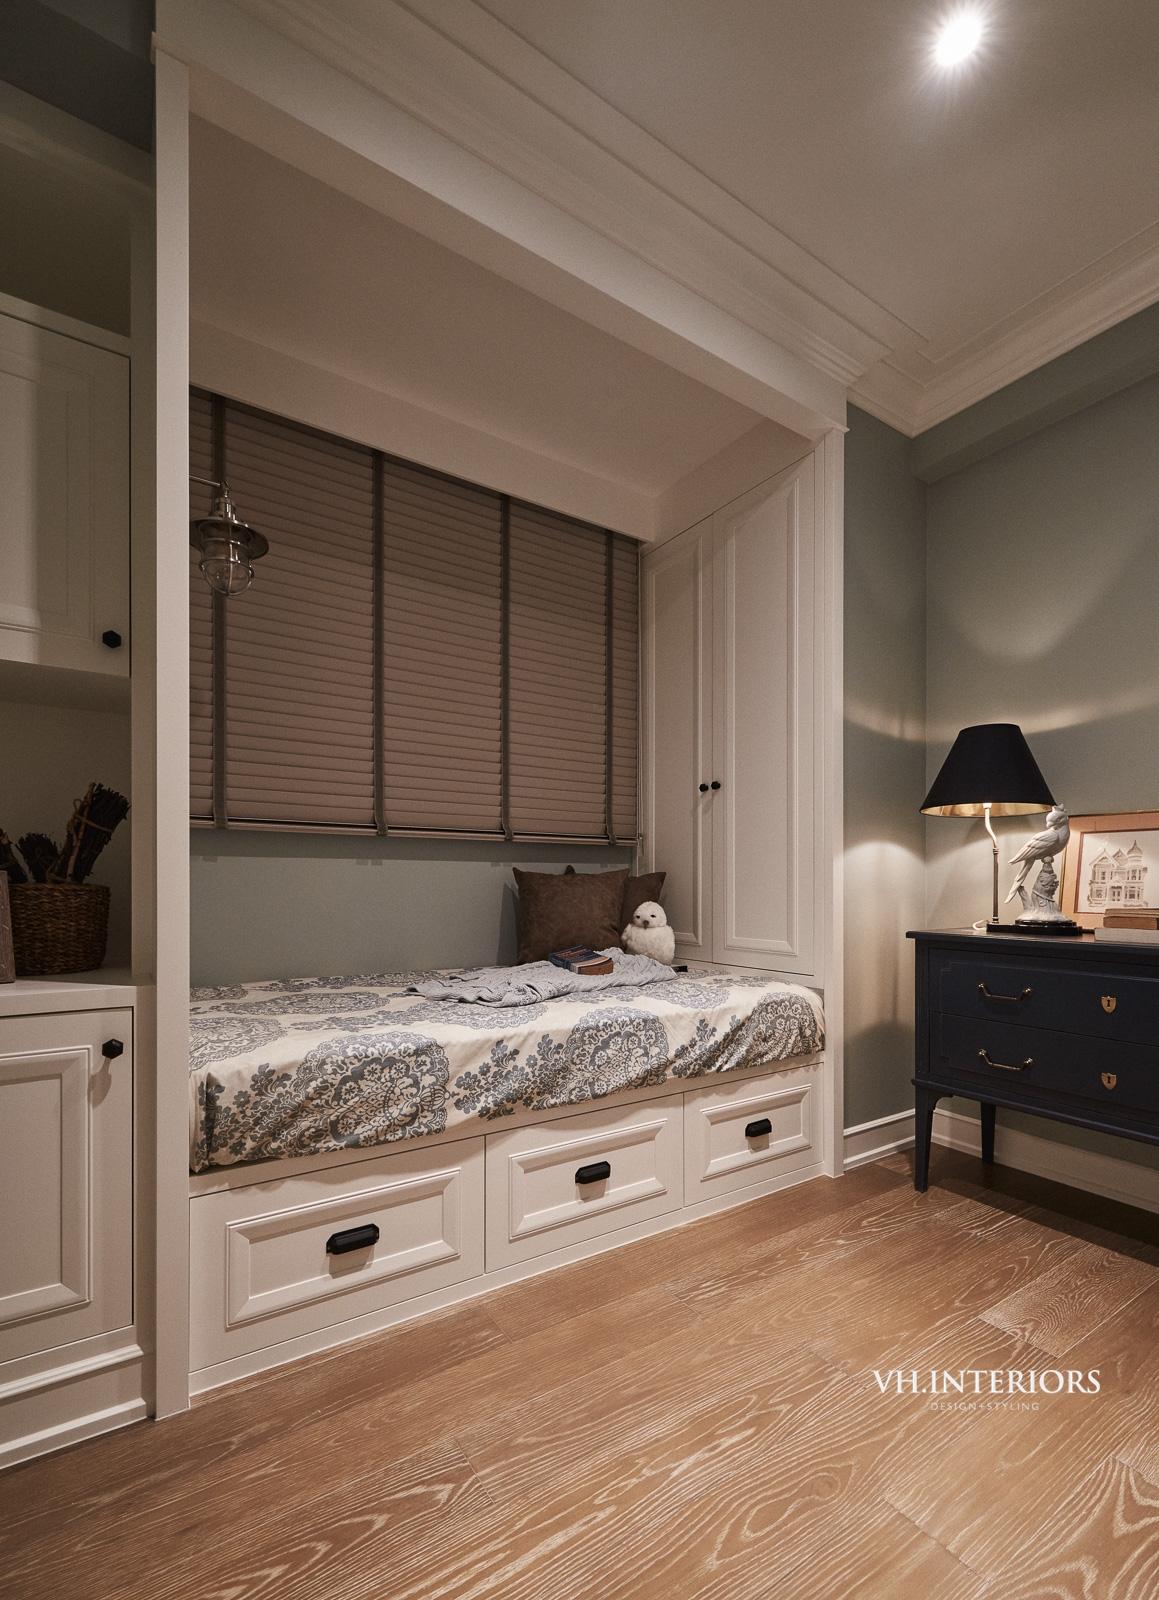 VH_ApartmentWithDog-661.jpg